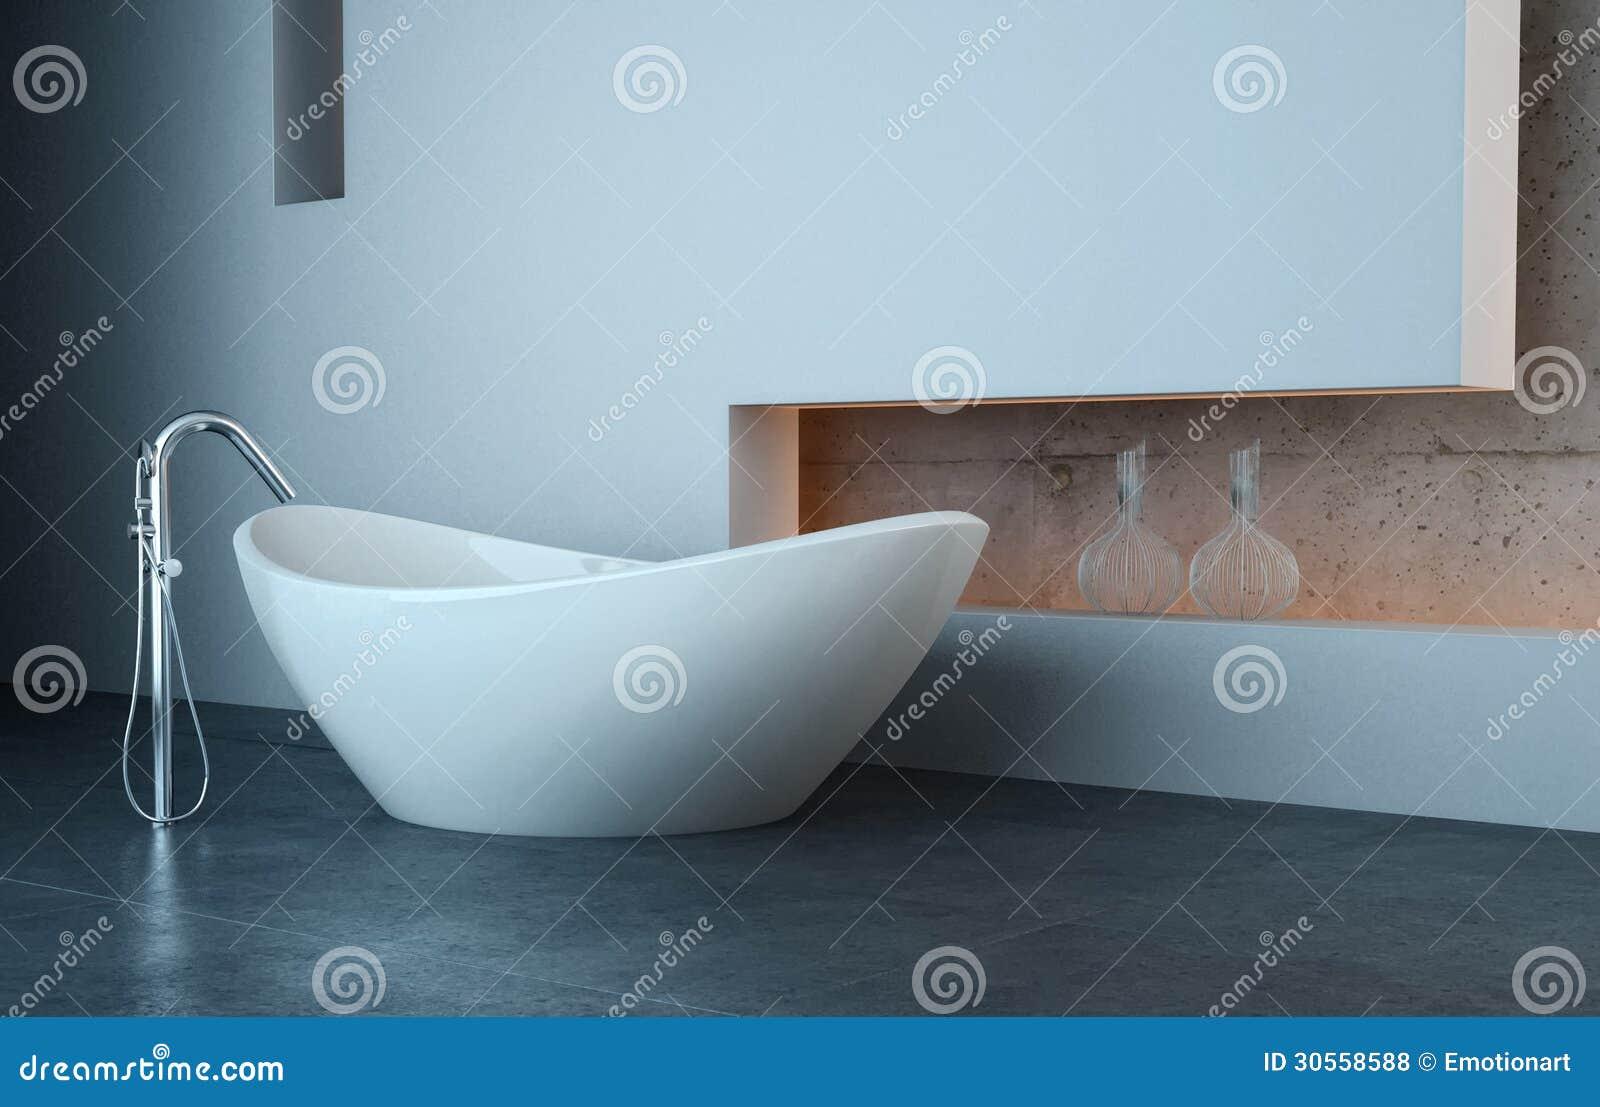 Vasca da bagno moderna davanti alla parete bianca illustrazione di stock illustrazione 30558588 - Vasca da bagno moderna ...